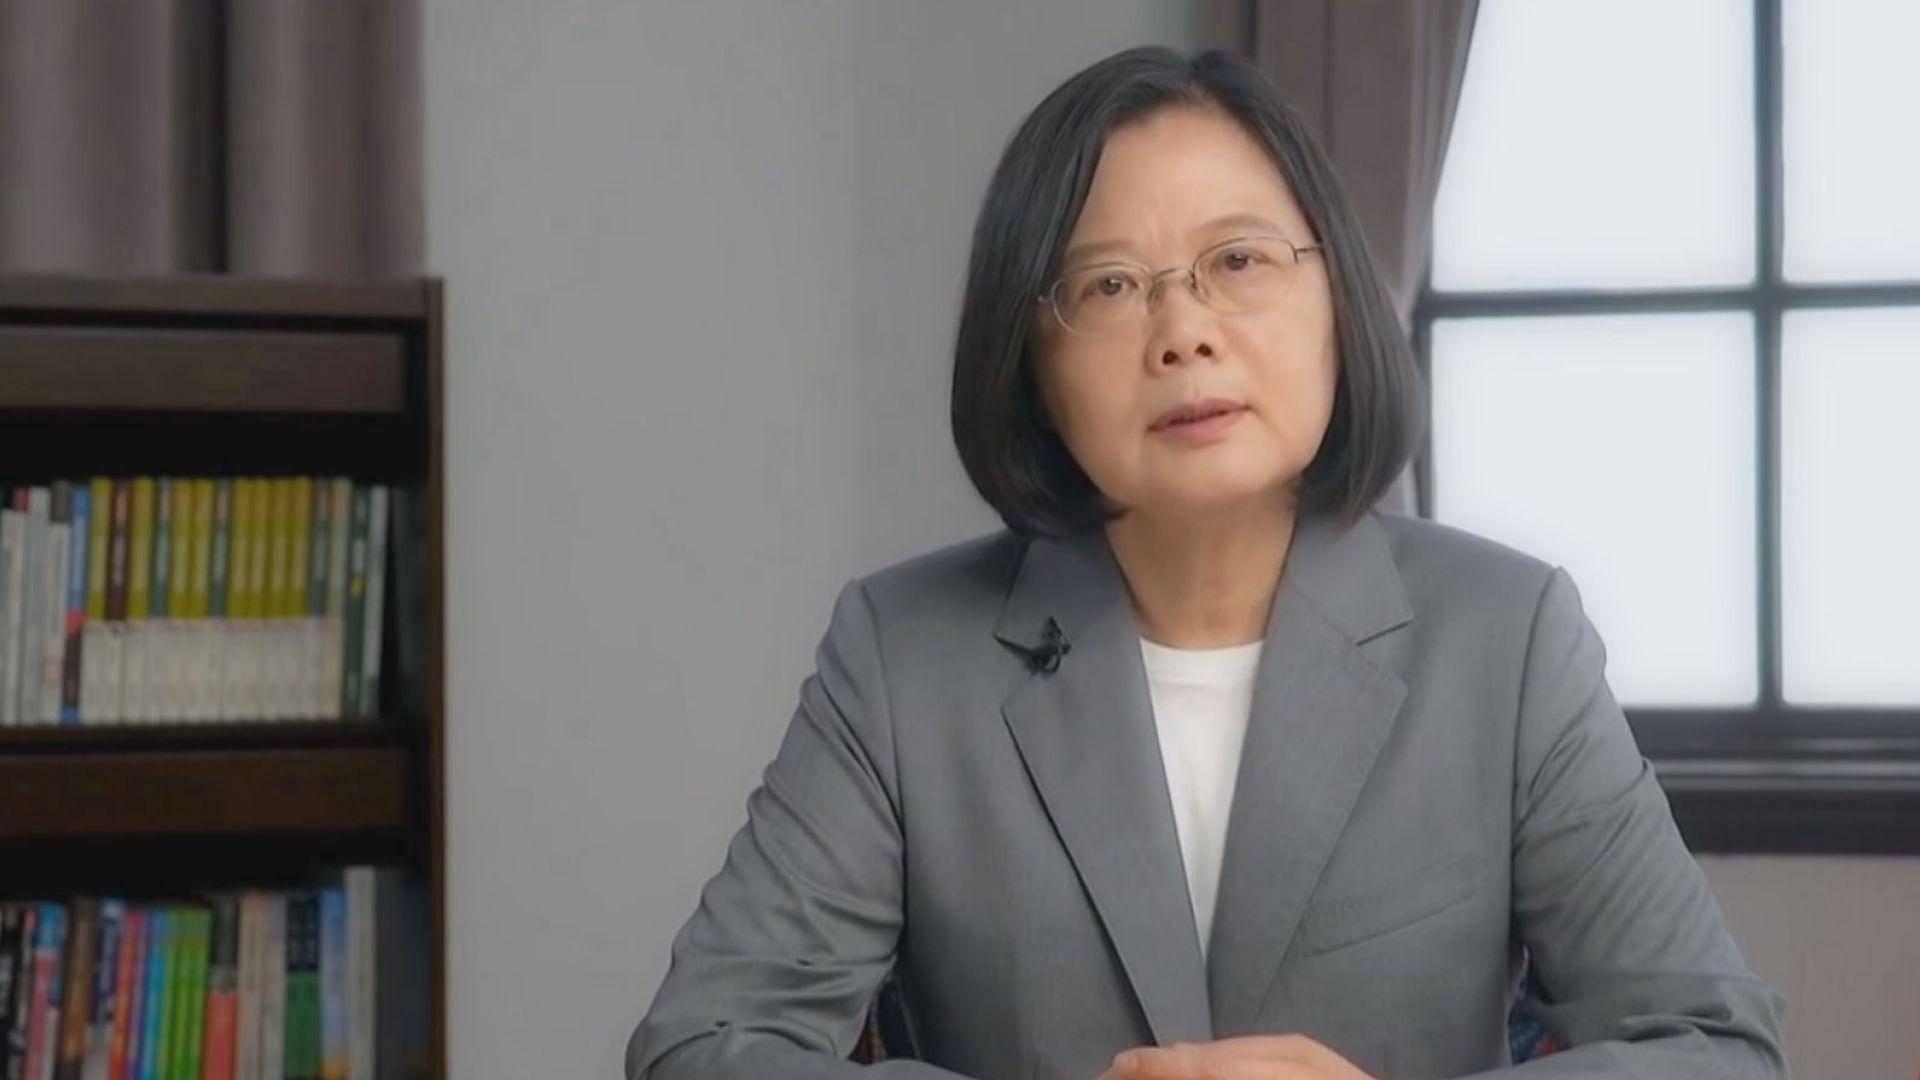 美媒指有論壇擬頒奬予蔡英文遭加國反對 台灣指會尊重結果